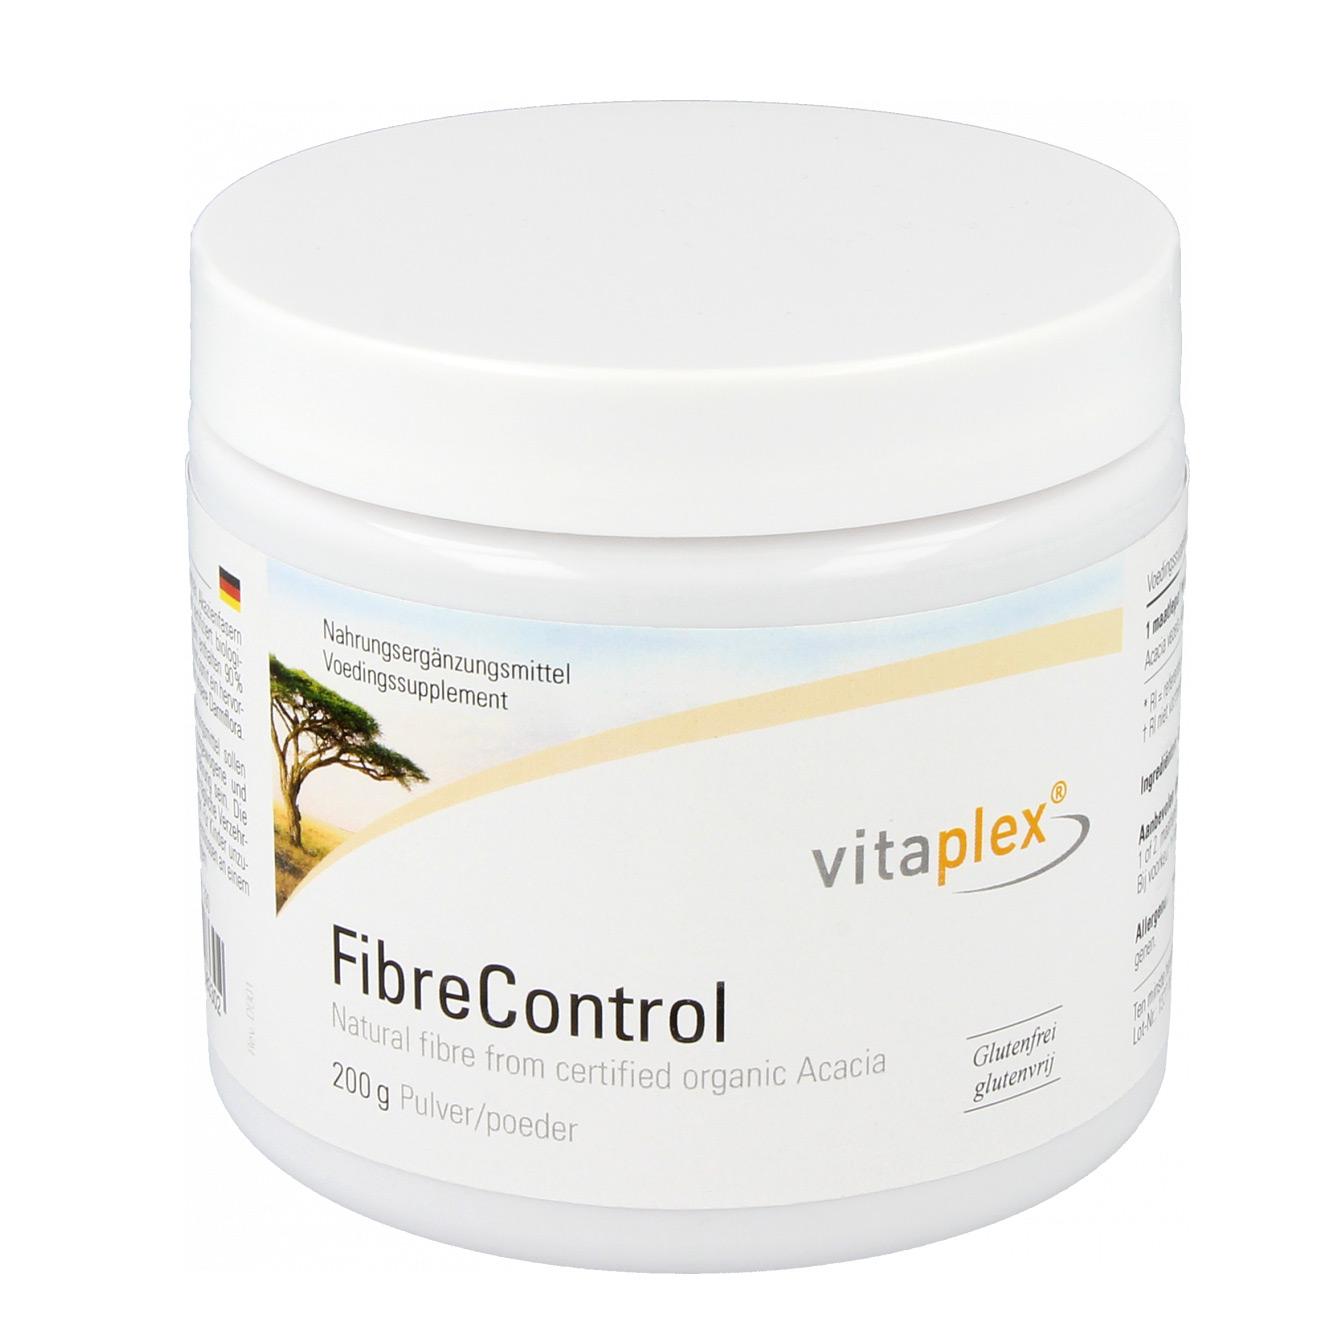 Vitaplex FibreControl 200g Pulver